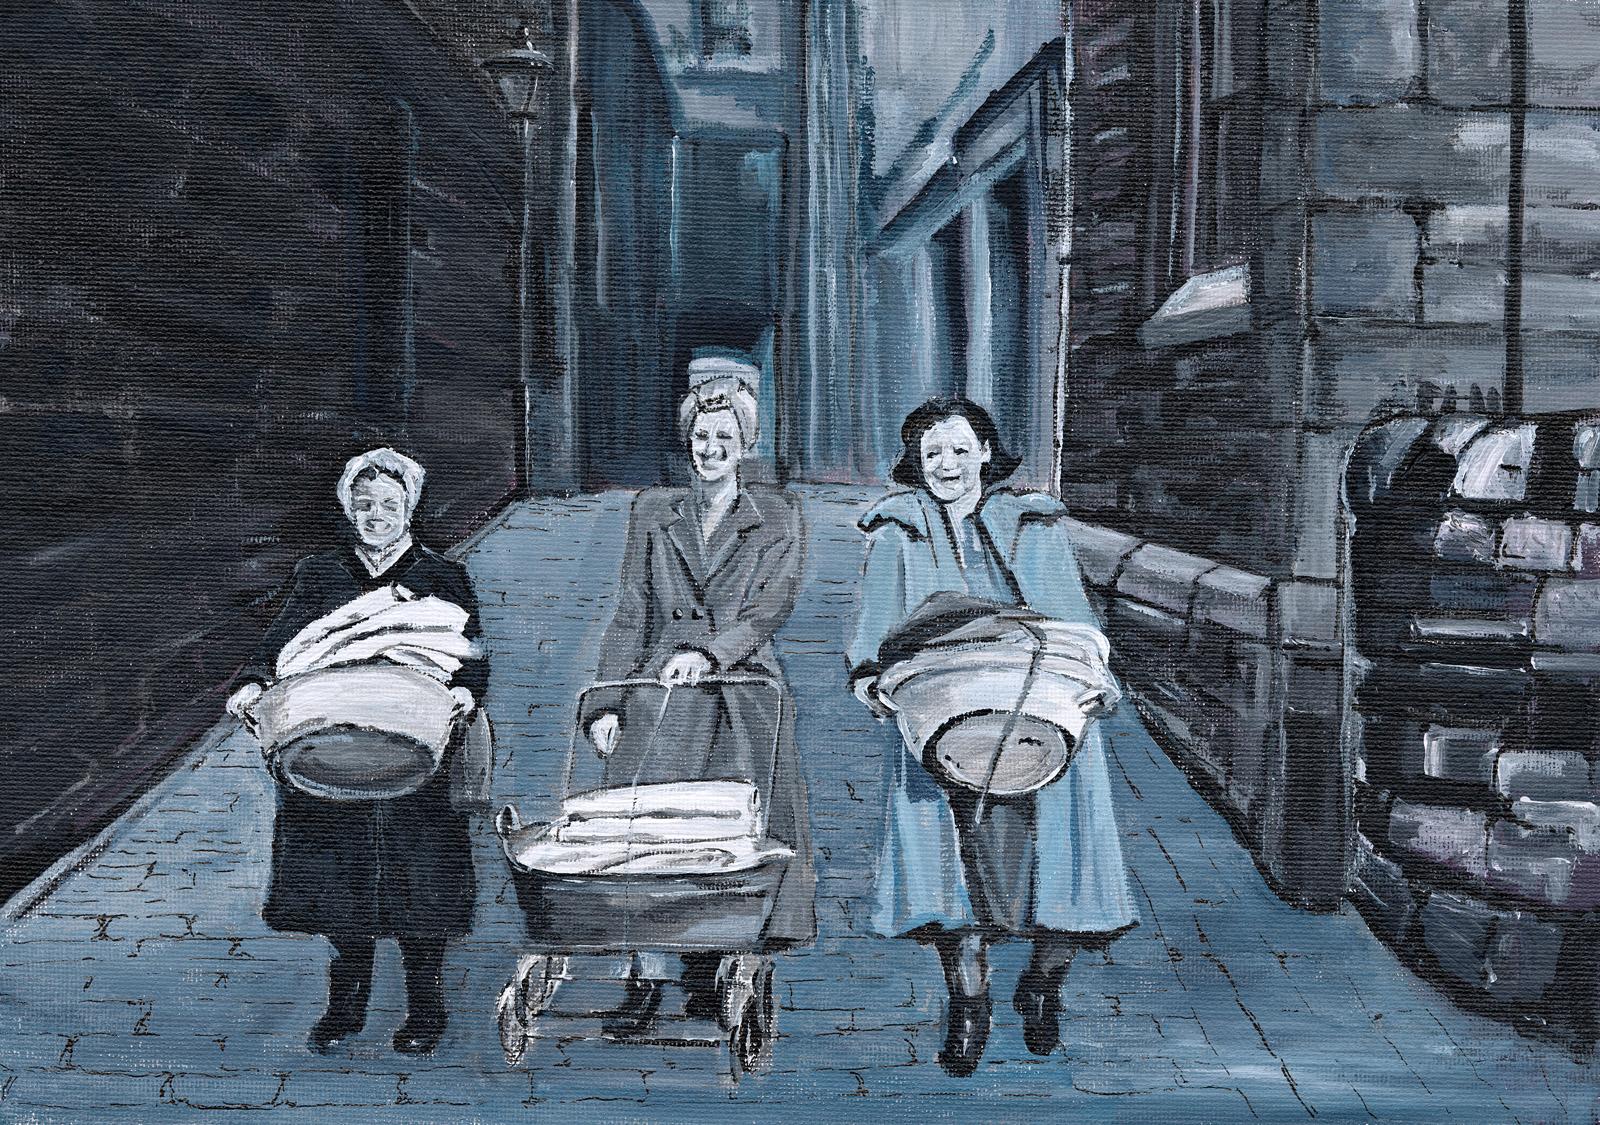 Washer Women by Deborah Copeland